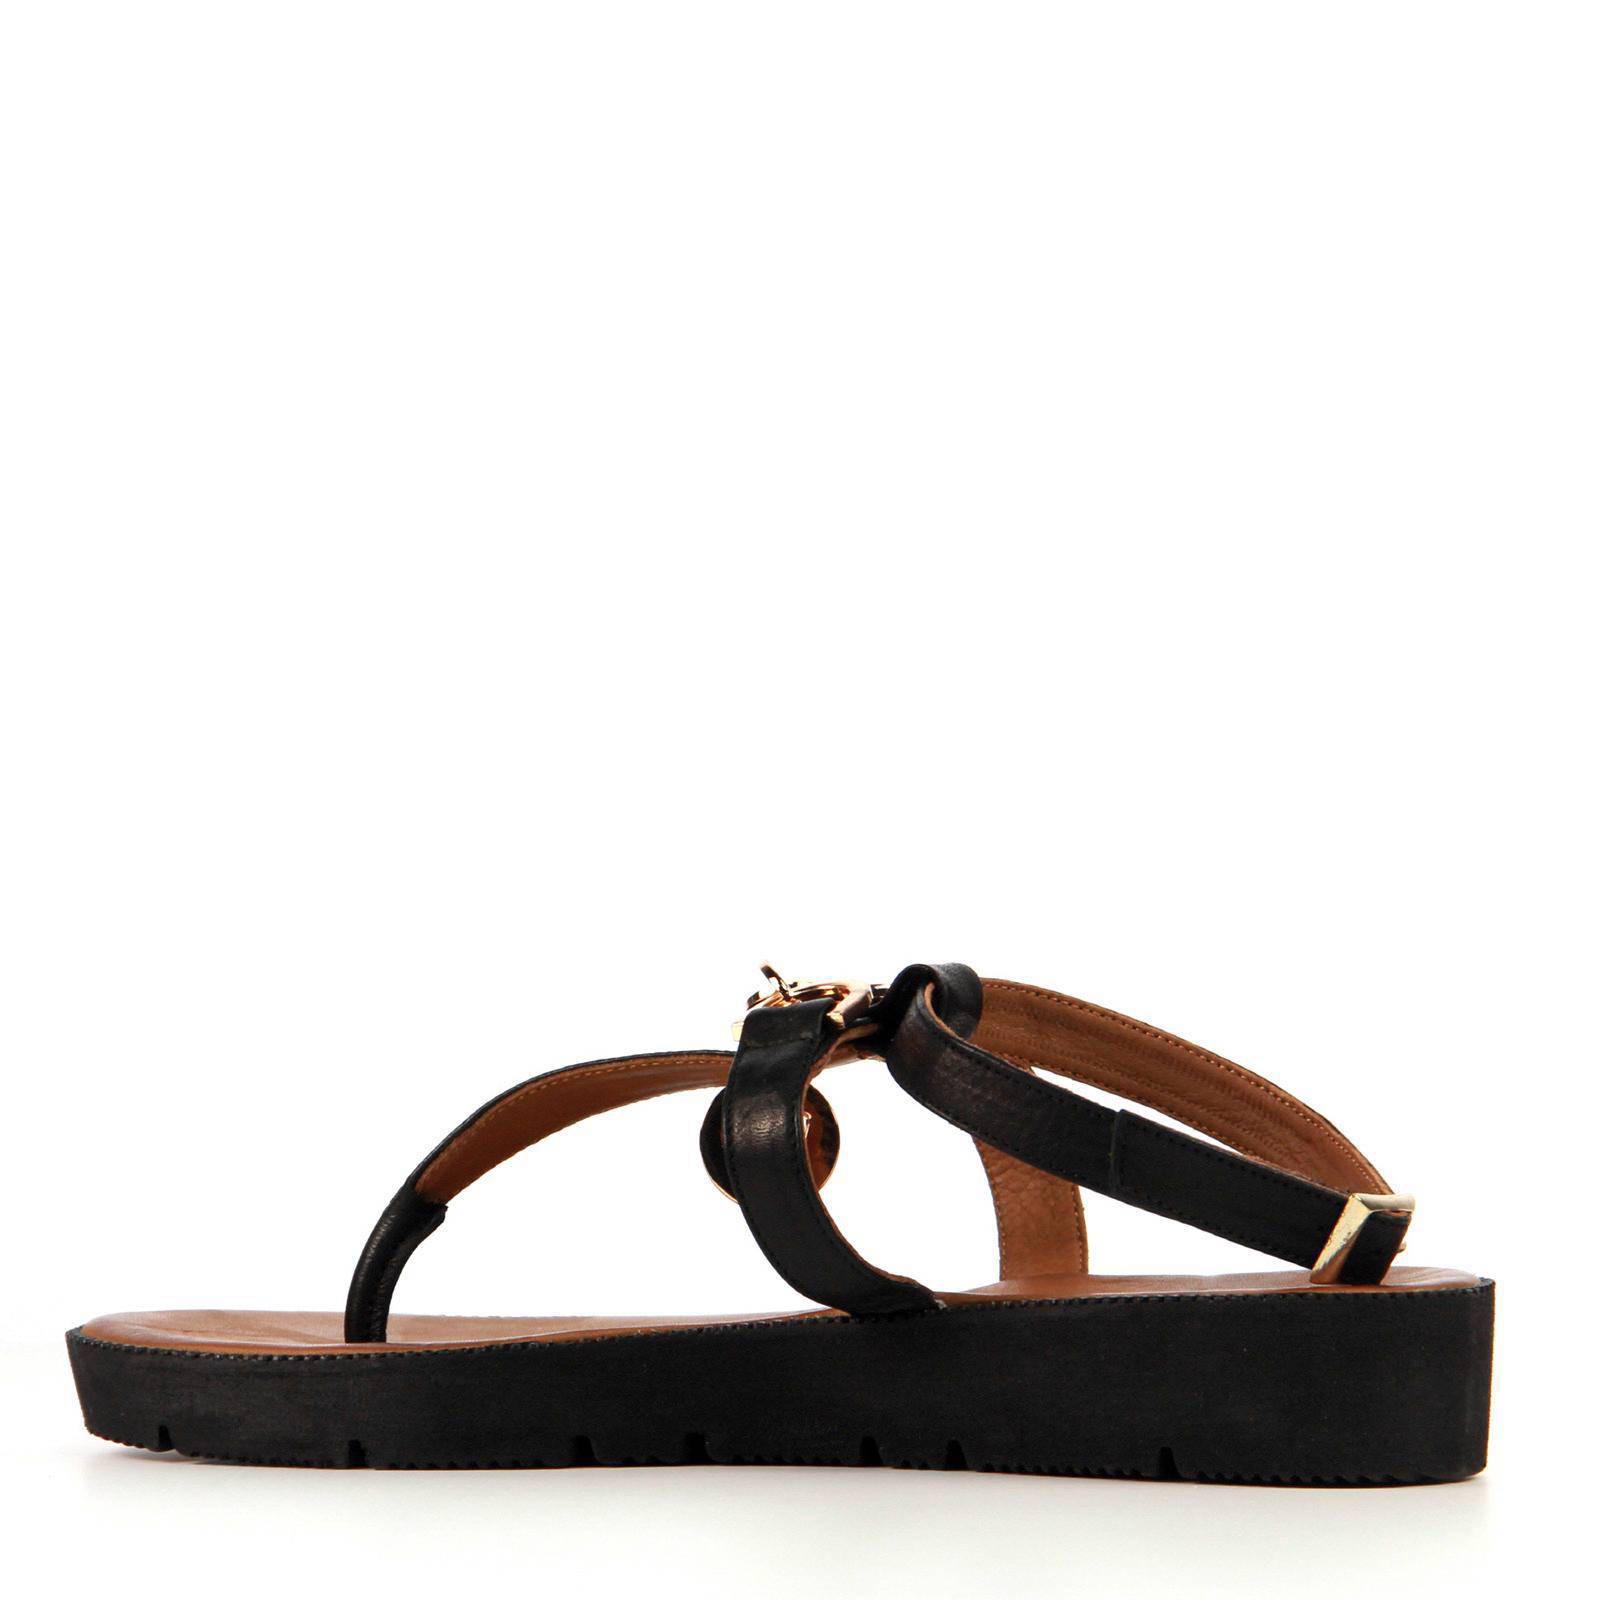 Lina Locchi Chaussures Marron Avec Boucle Pour Dames XyVAsQ